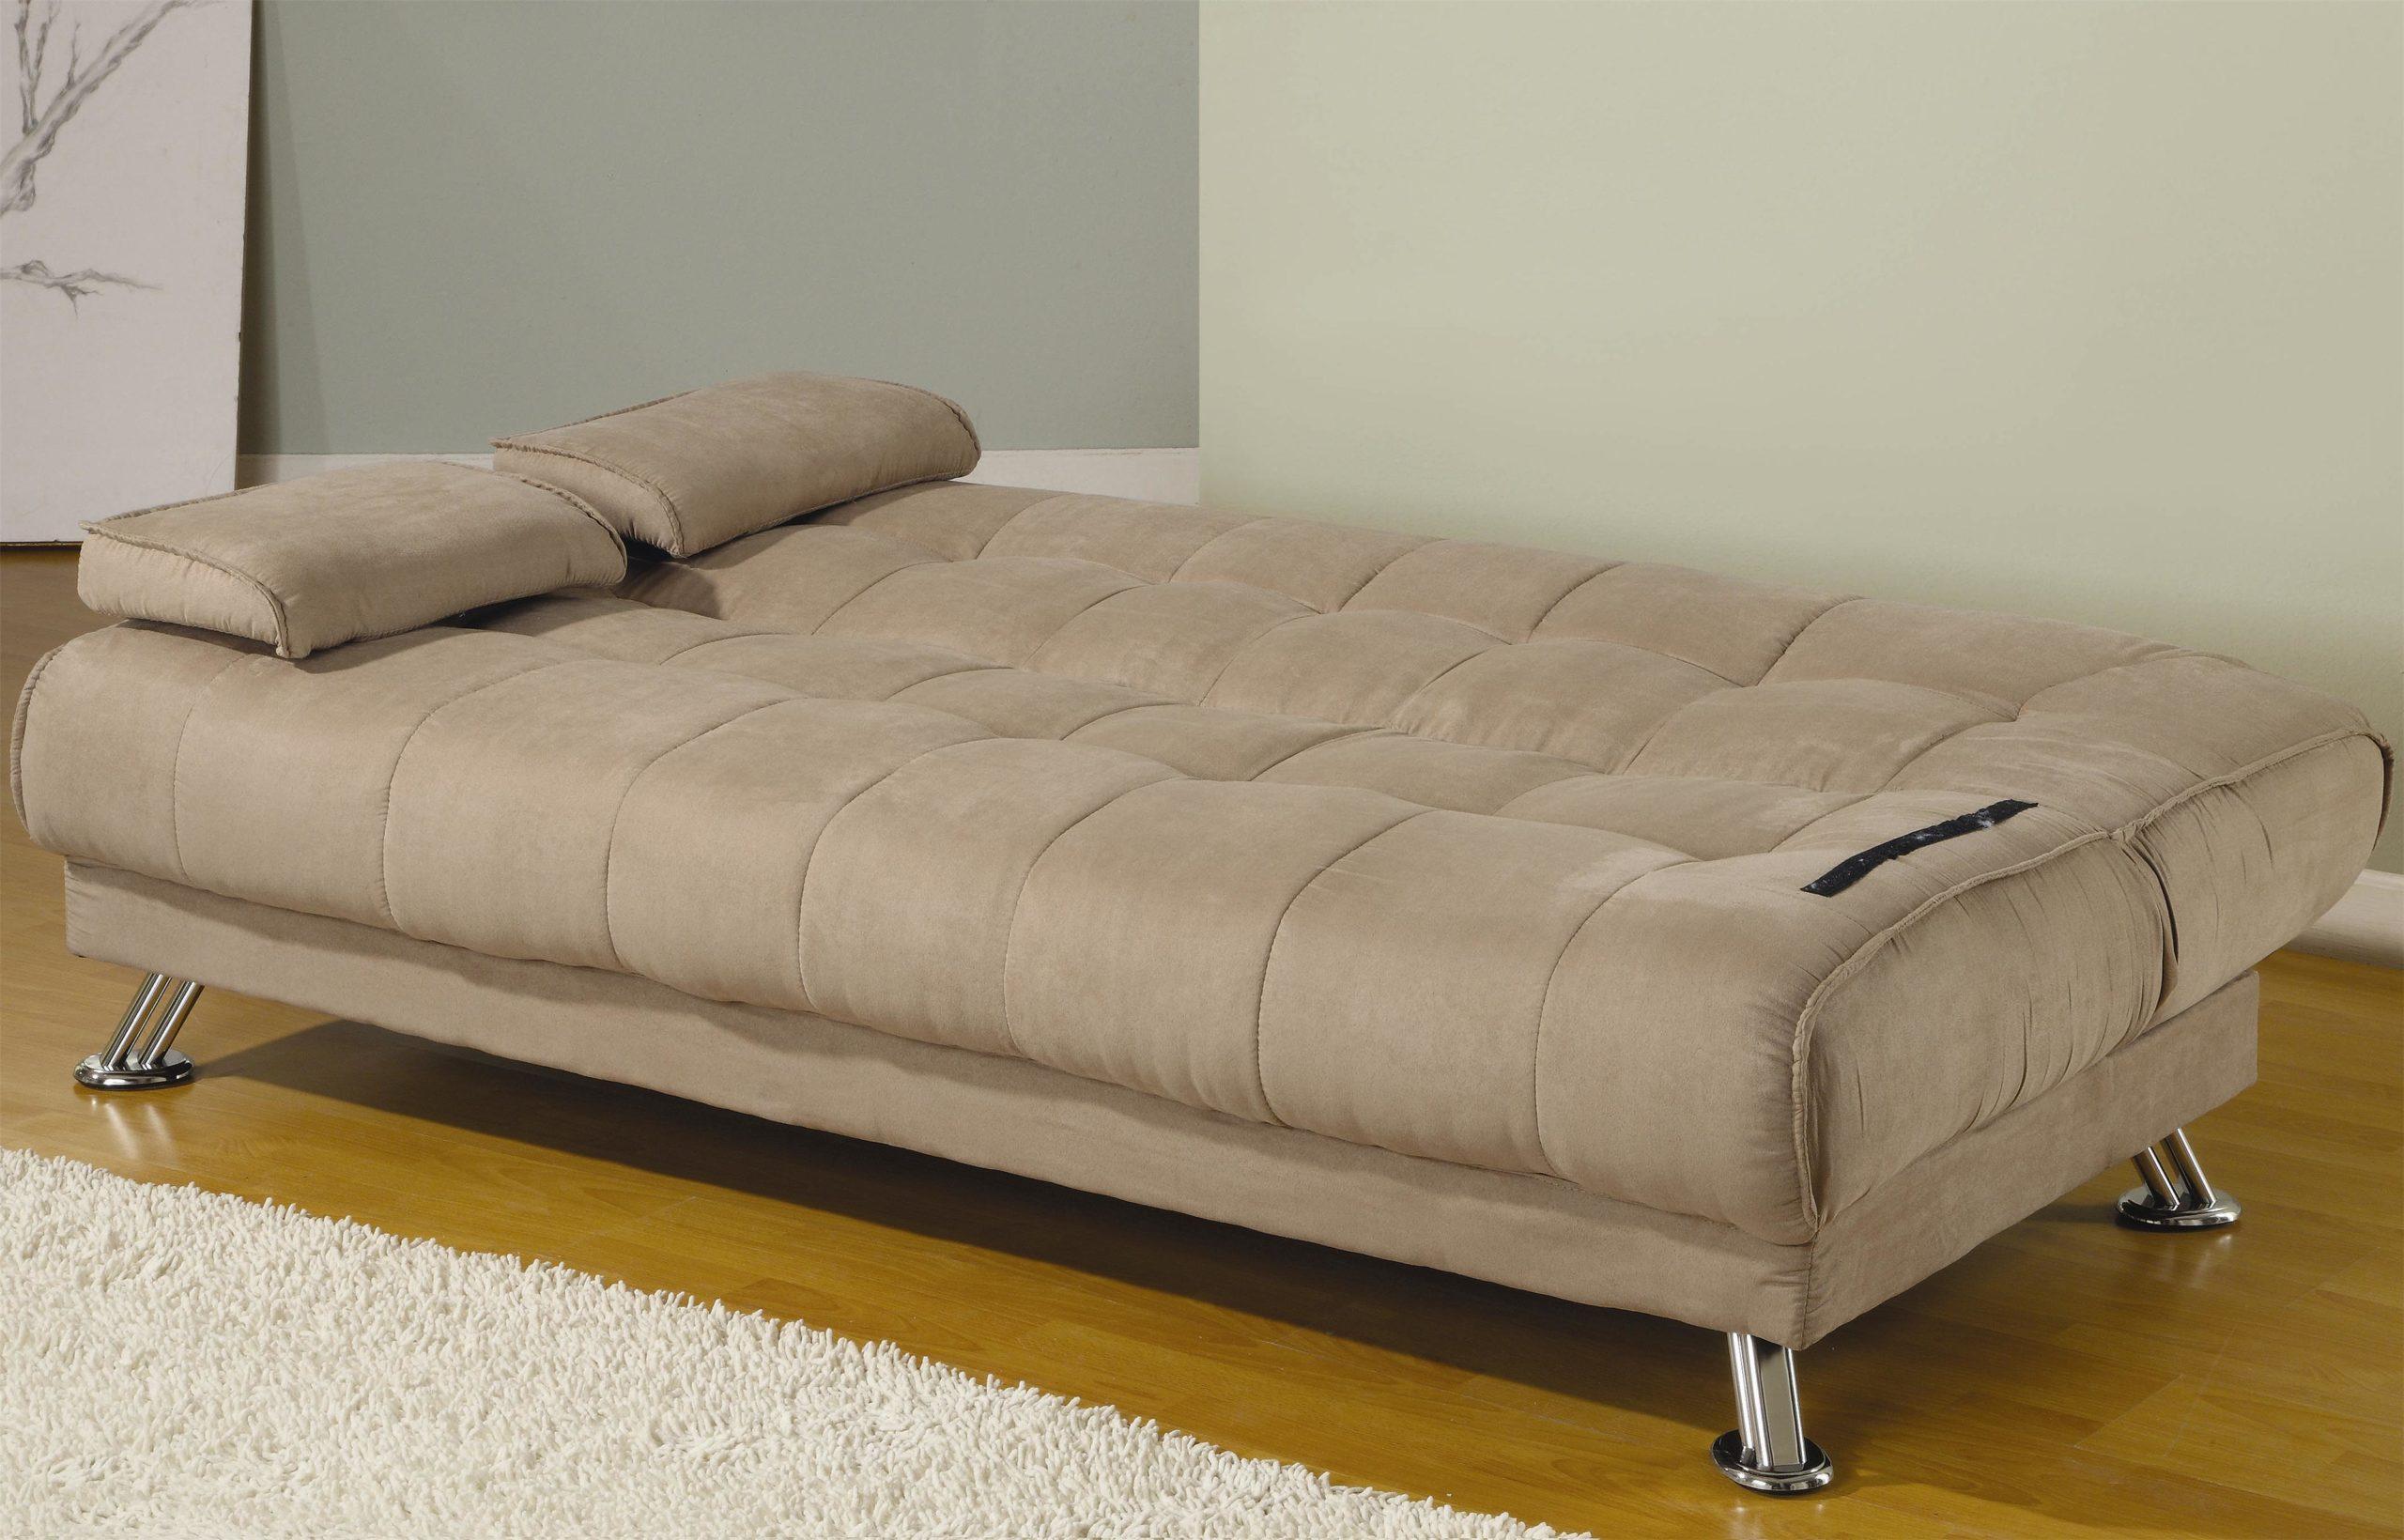 sleeper sofa futon dfs grey fabric tan microfiber sleepworks